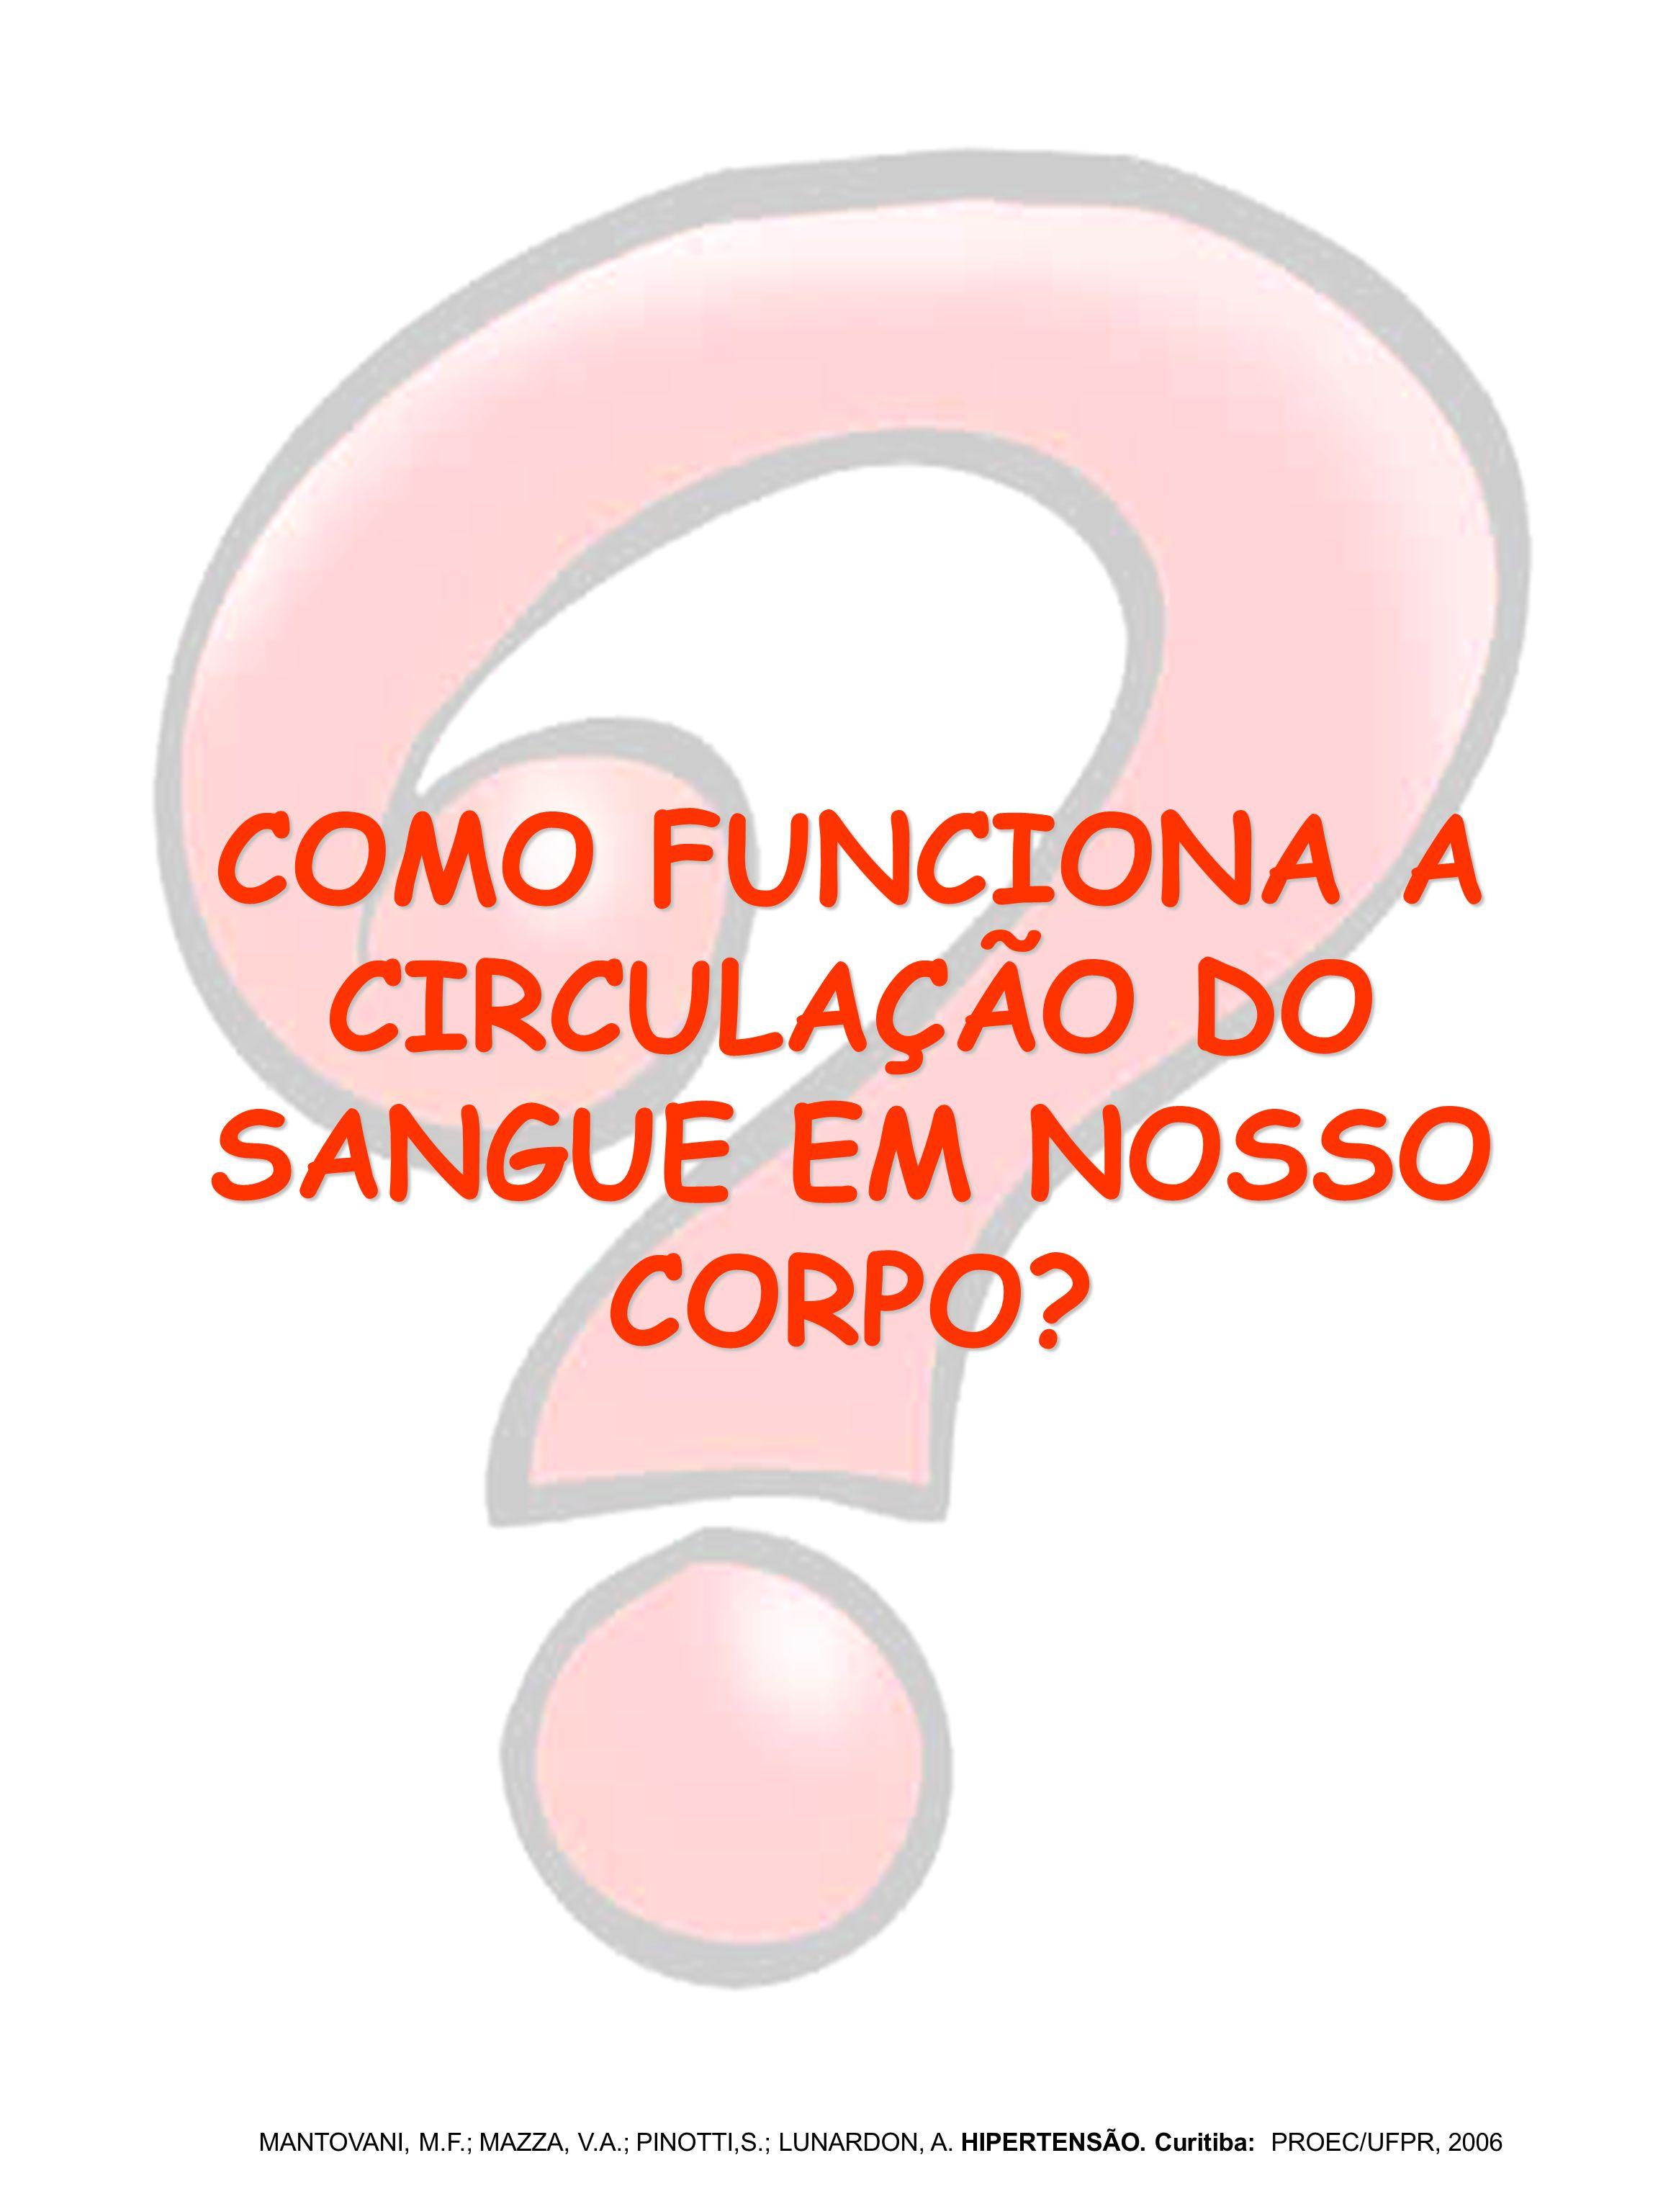 COMO FUNCIONA A CIRCULAÇÃO DO SANGUE EM NOSSO CORPO? MANTOVANI, M.F.; MAZZA, V.A.; PINOTTI,S.; LUNARDON, A. HIPERTENSÃO. Curitiba: PROEC/UFPR, 2006